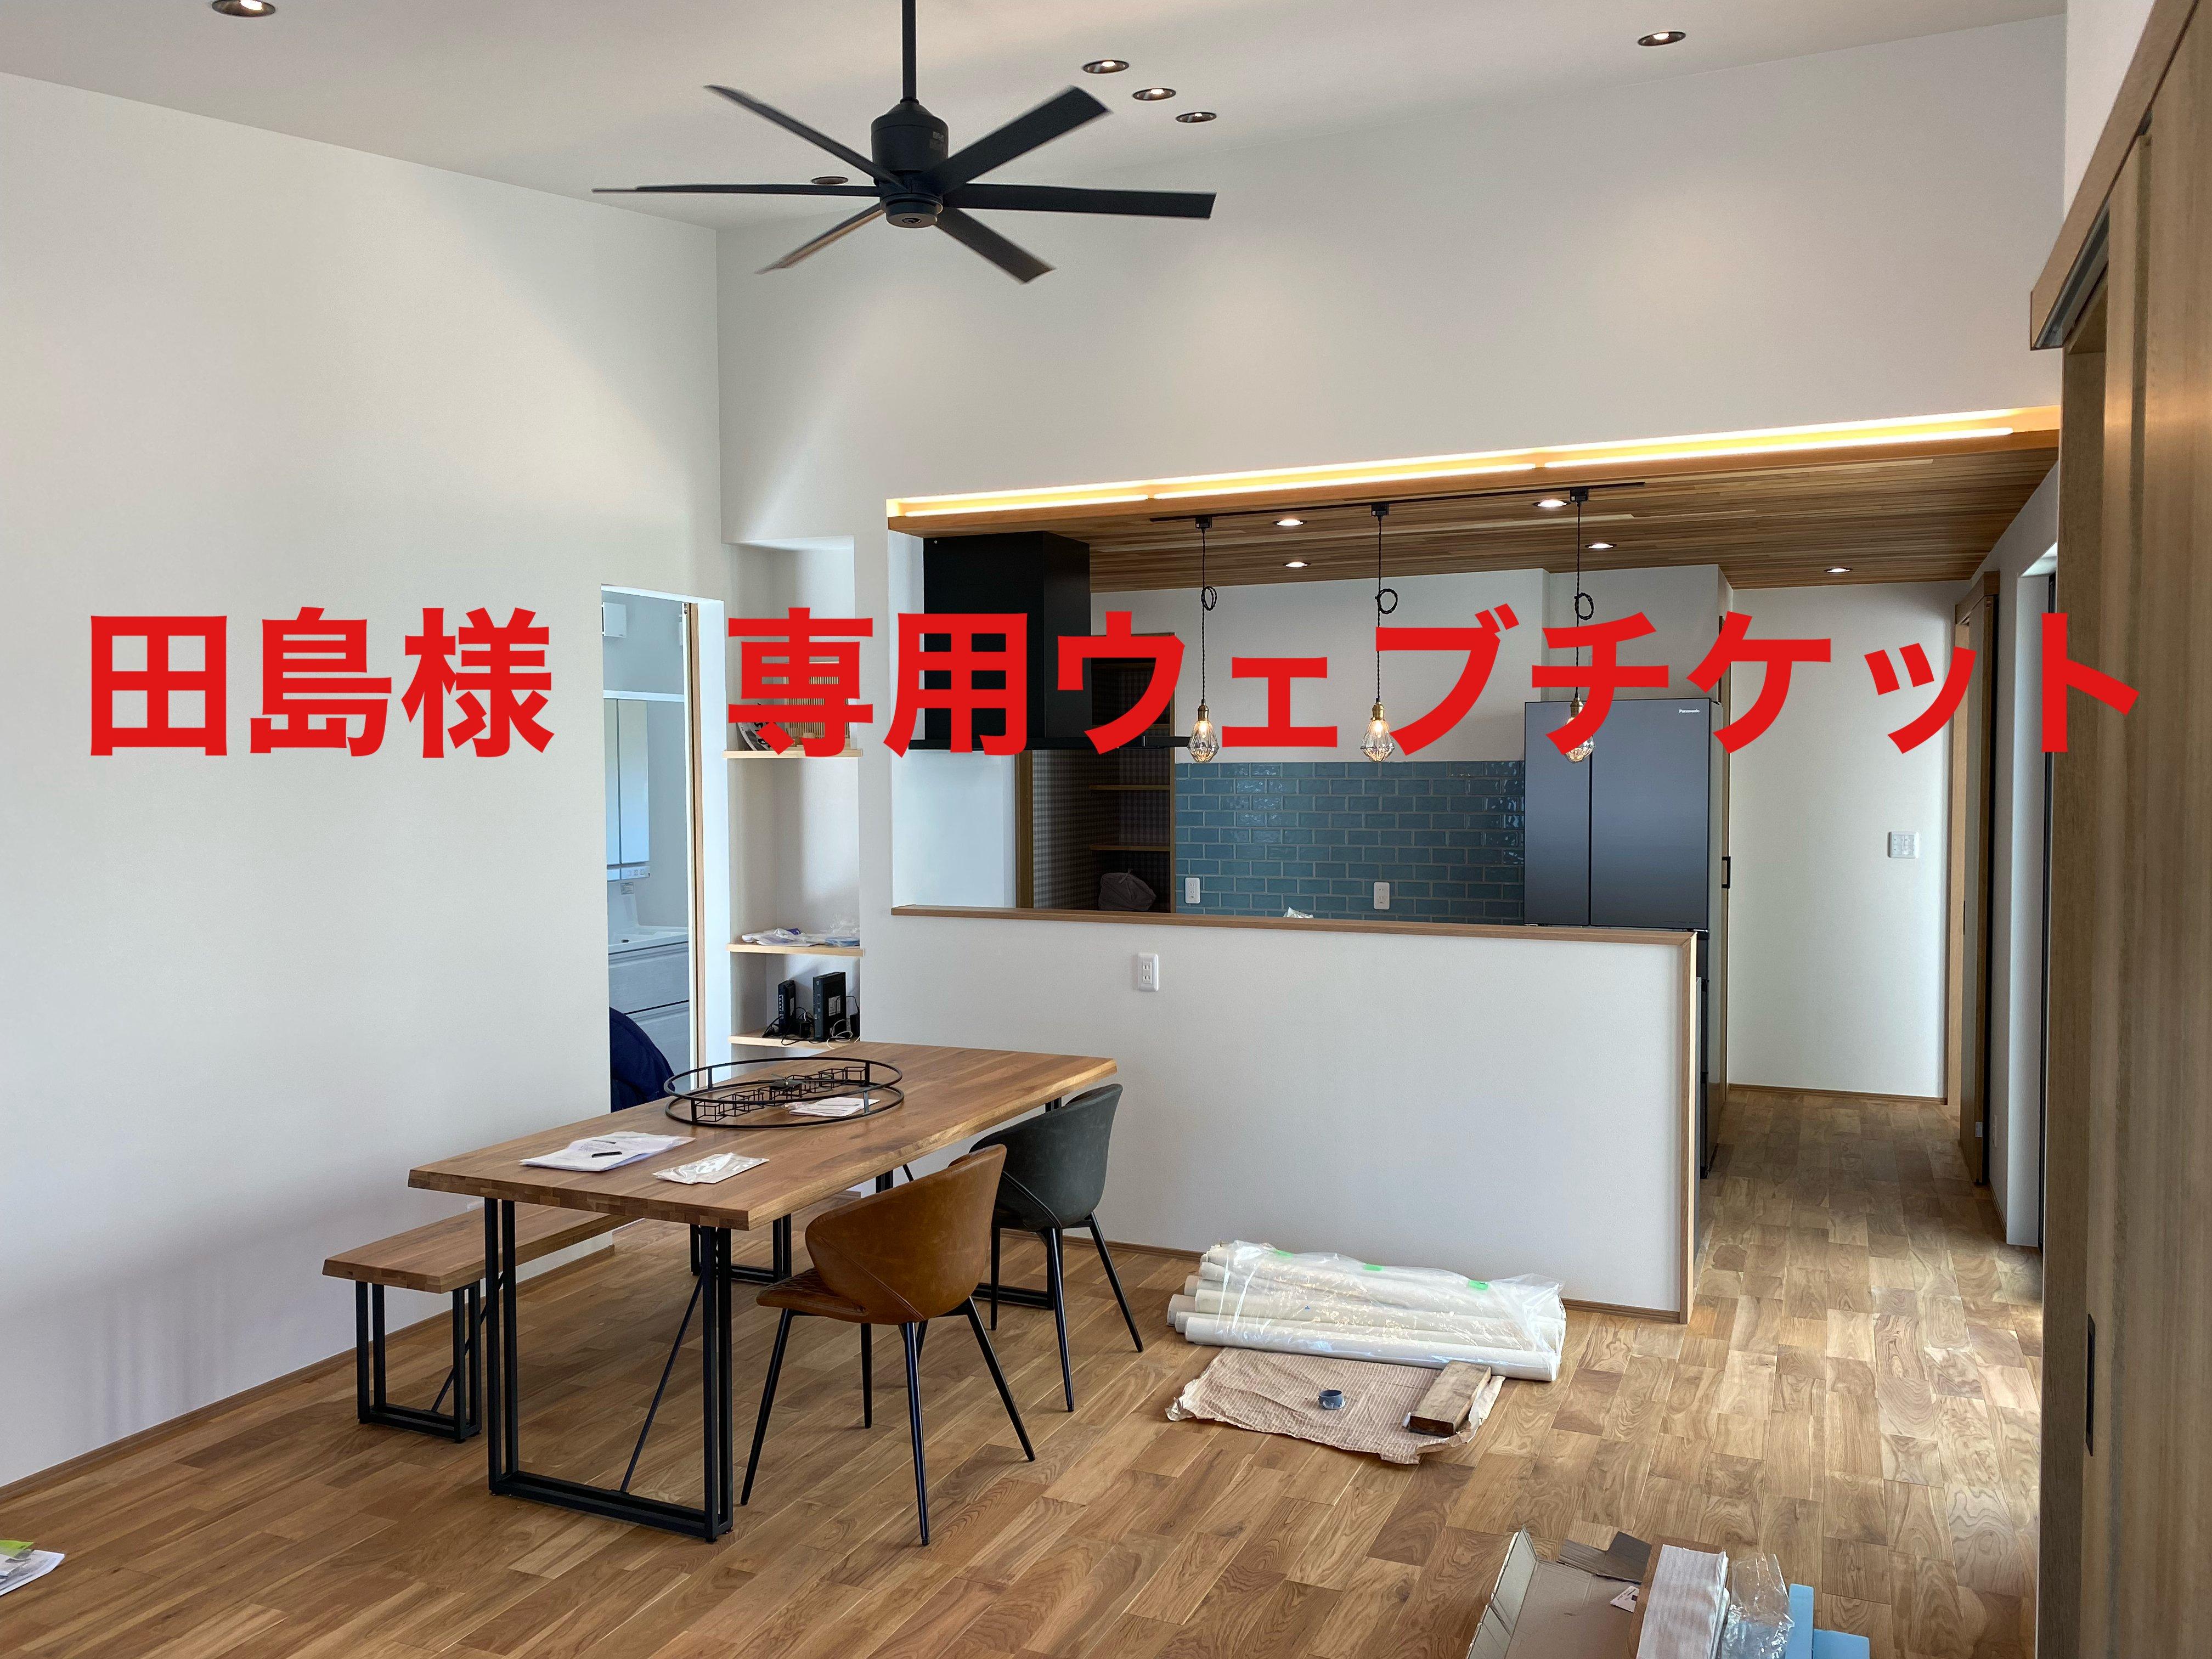 【田島様 専用チケット】住宅工事【現地払い・銀行振り込み専用チケット】のイメージその1